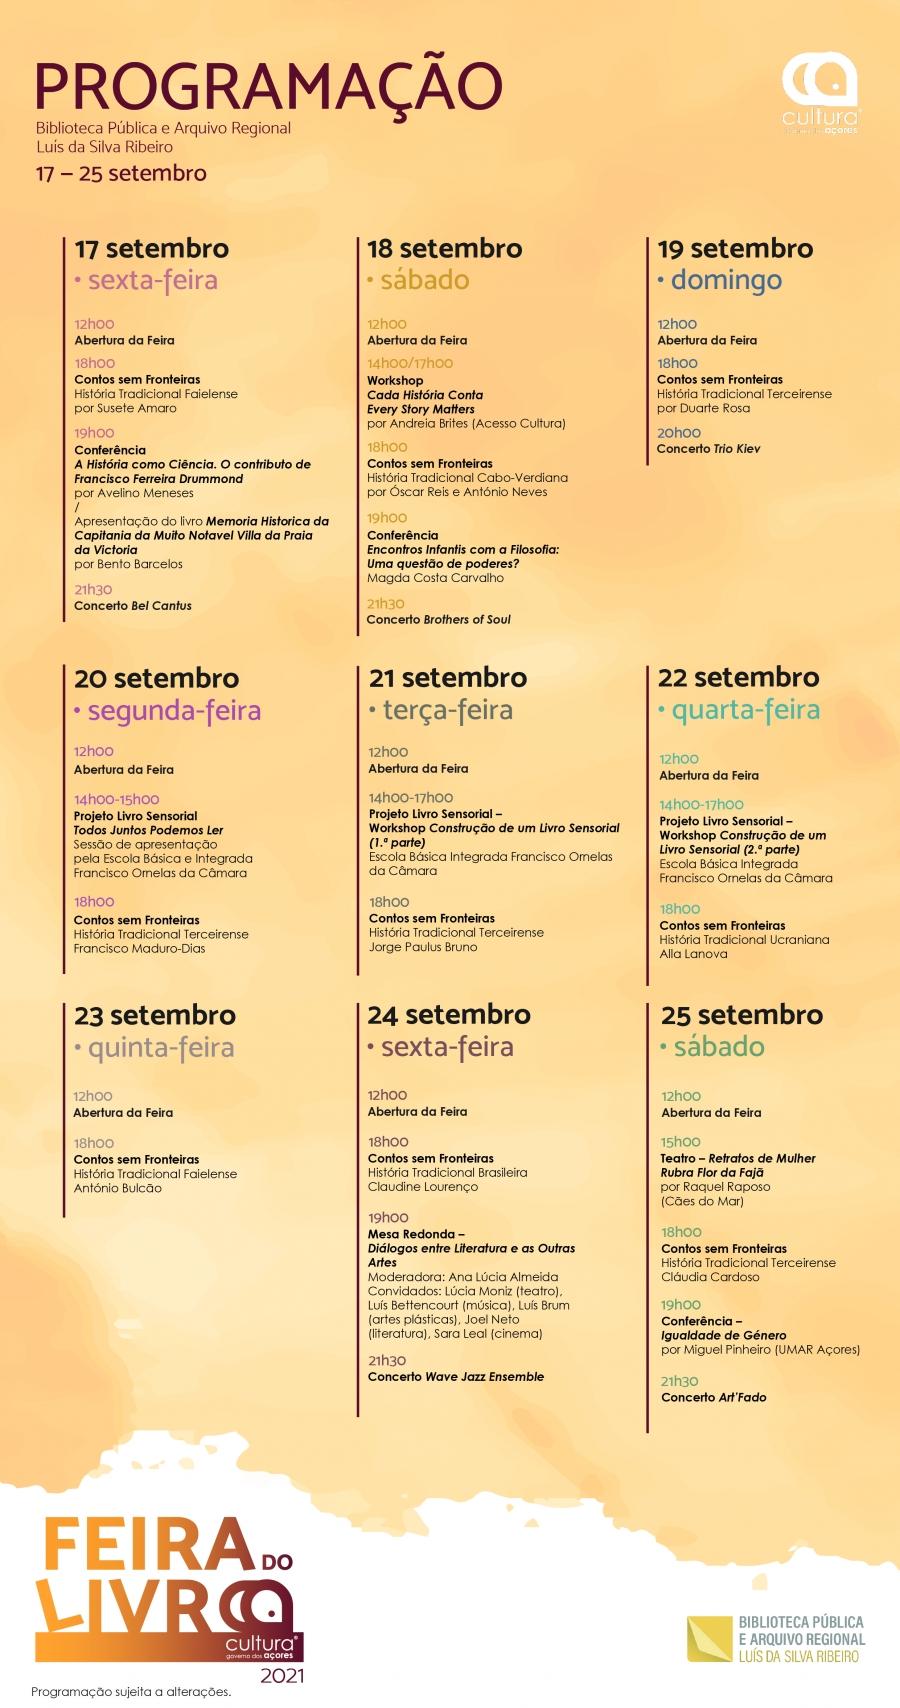 Feira do Livro Cultura Açores 2021